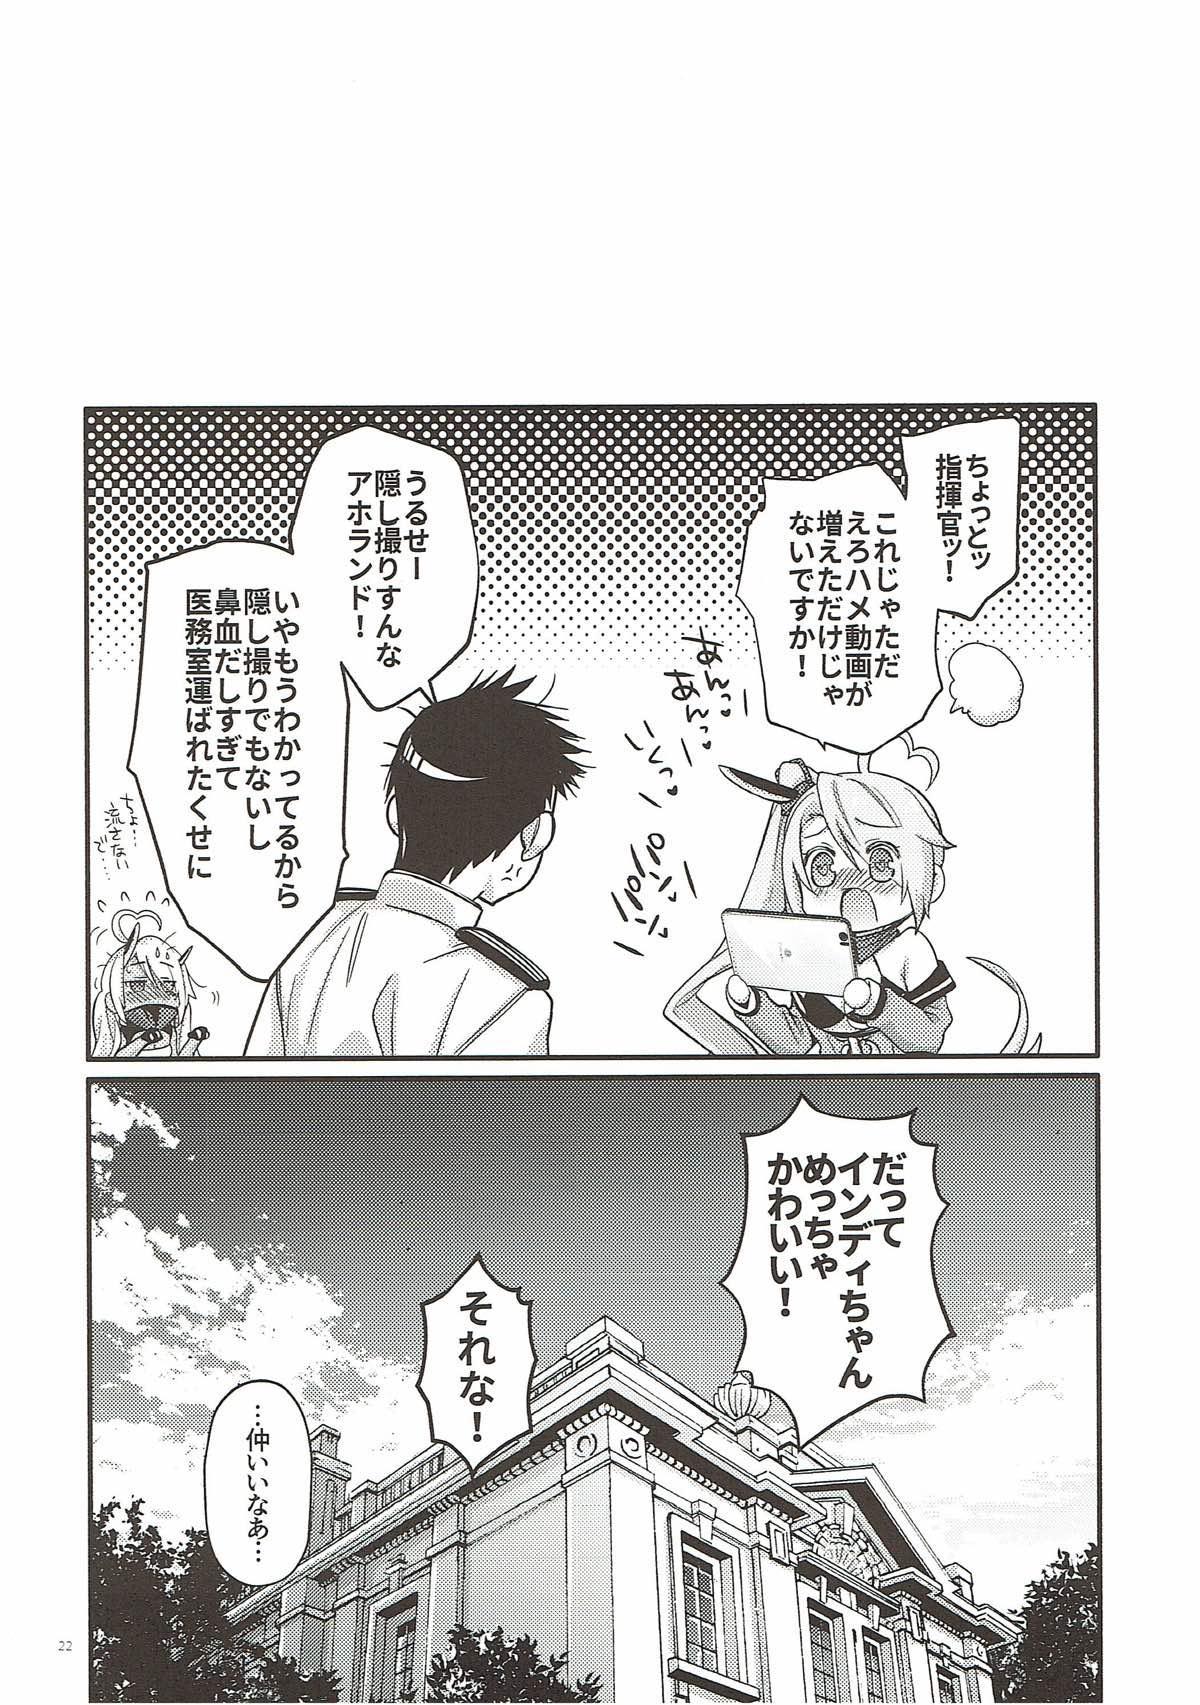 Uchi no Imouto wa Sekaiichi Kawaiin desu kedo! - My sister is a GODDESS! 18